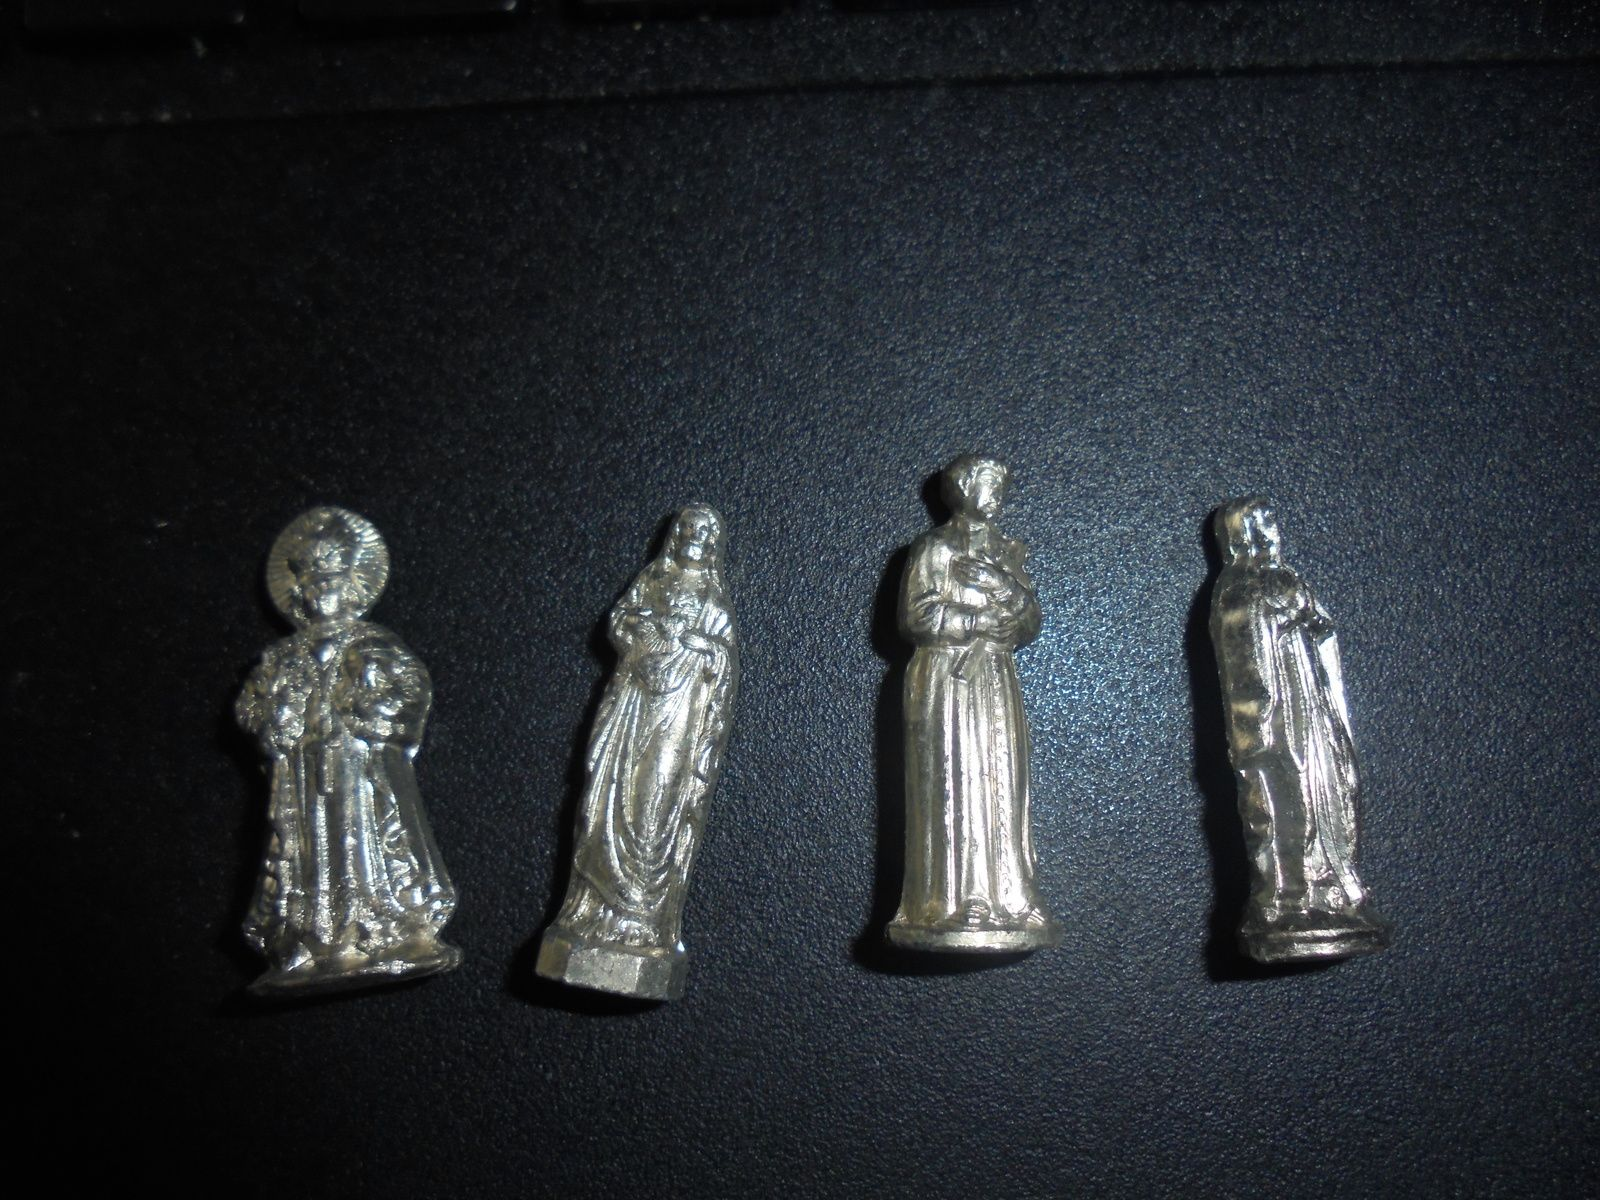 4 petites statuettes de divinités (vierge etc...) poilus